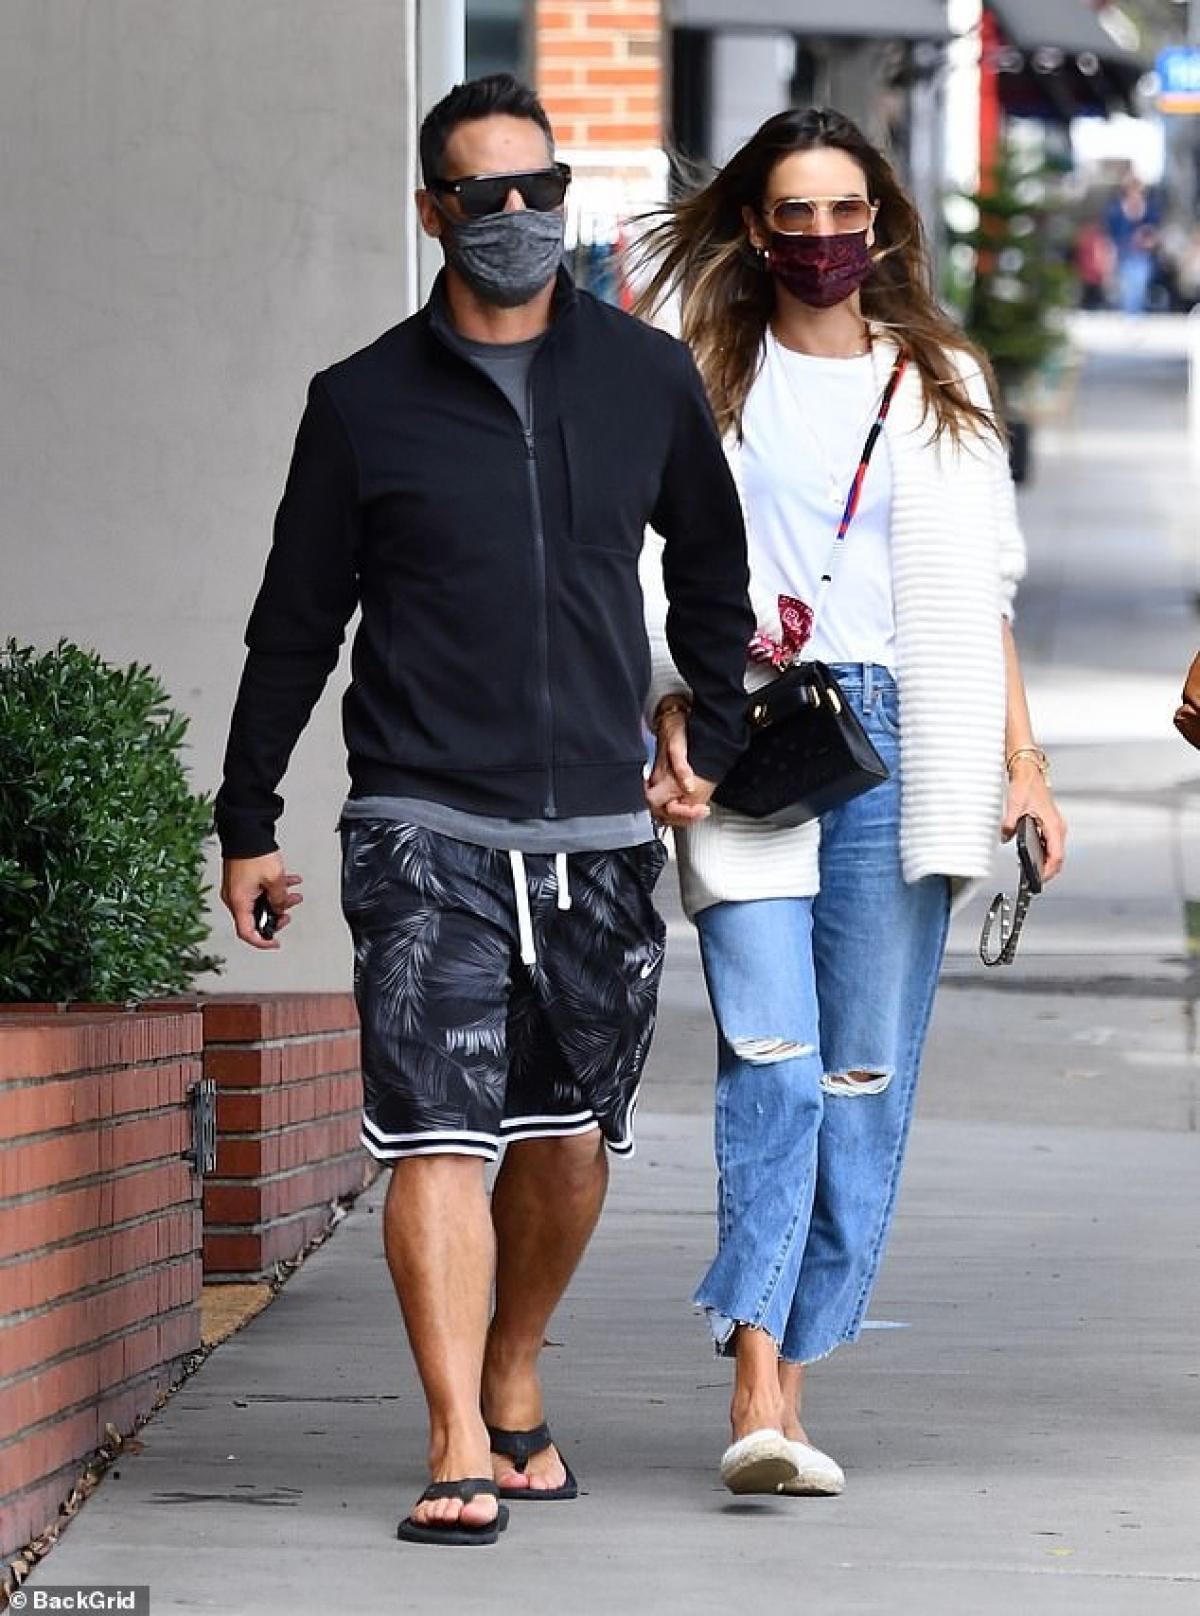 Cặp đôi nắm tay nhau tình cảm sải bước trên phố.